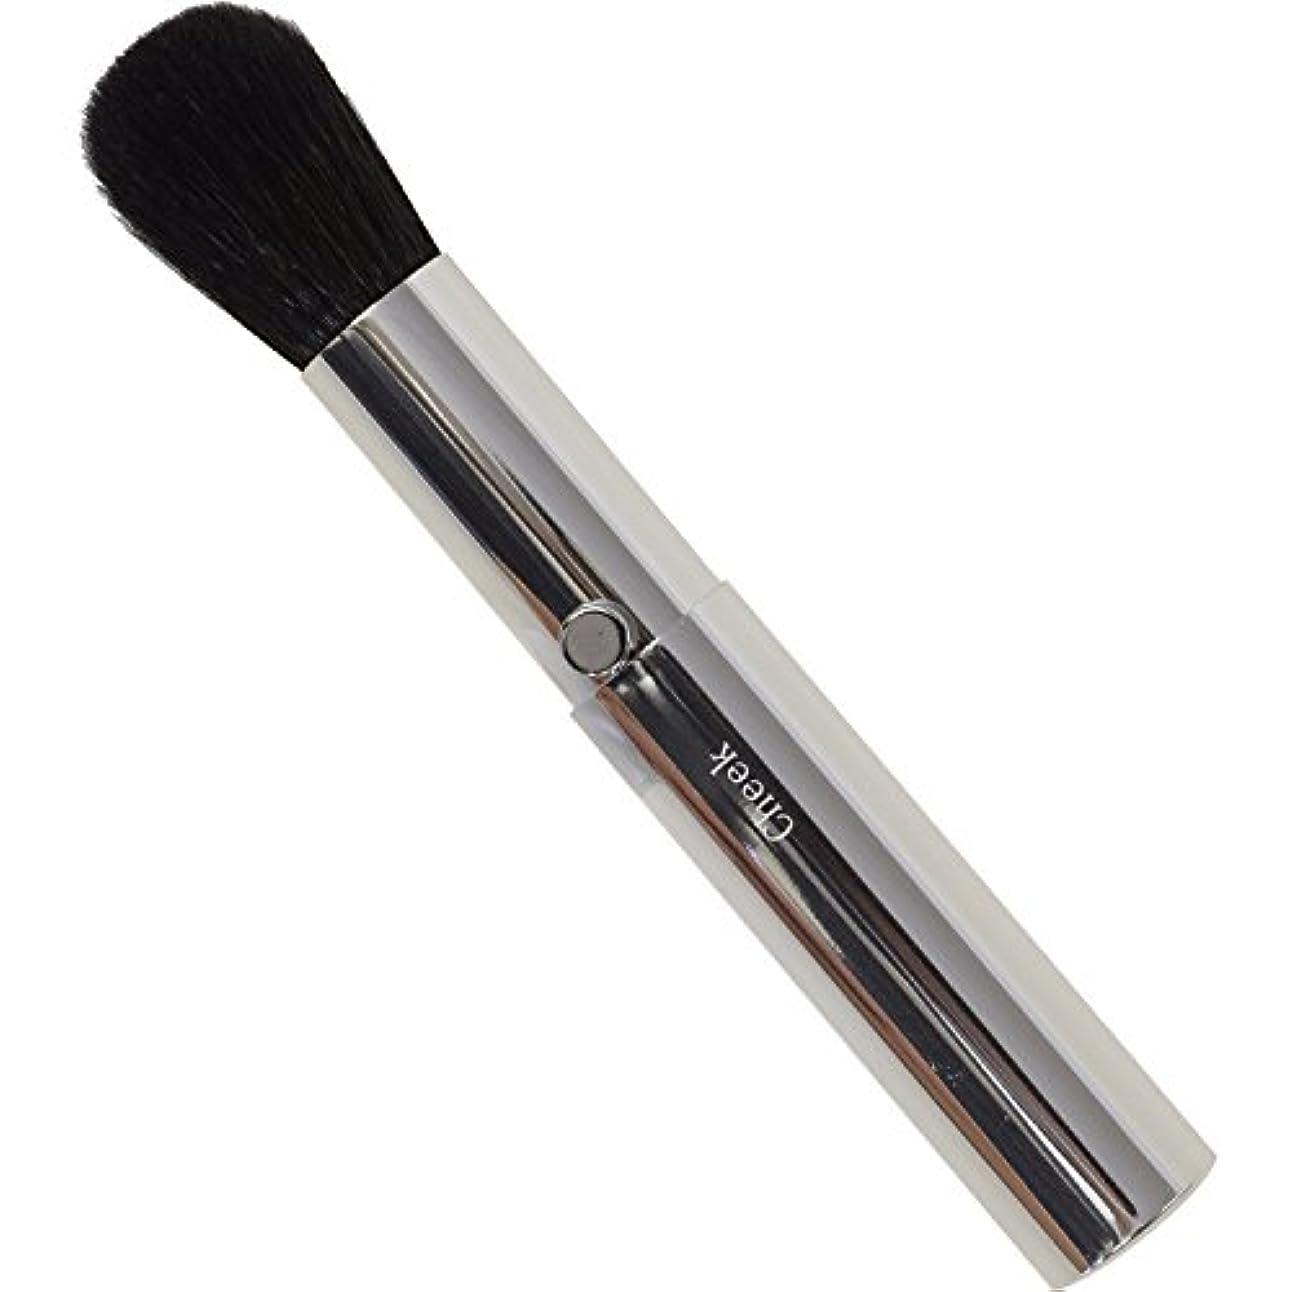 シロクマ教育者不安定なSSS-C2 六角館さくら堂 スタイリッシュシンプルチークブラシ 粗光峰100% 高品質のスライドタイプ化粧筆